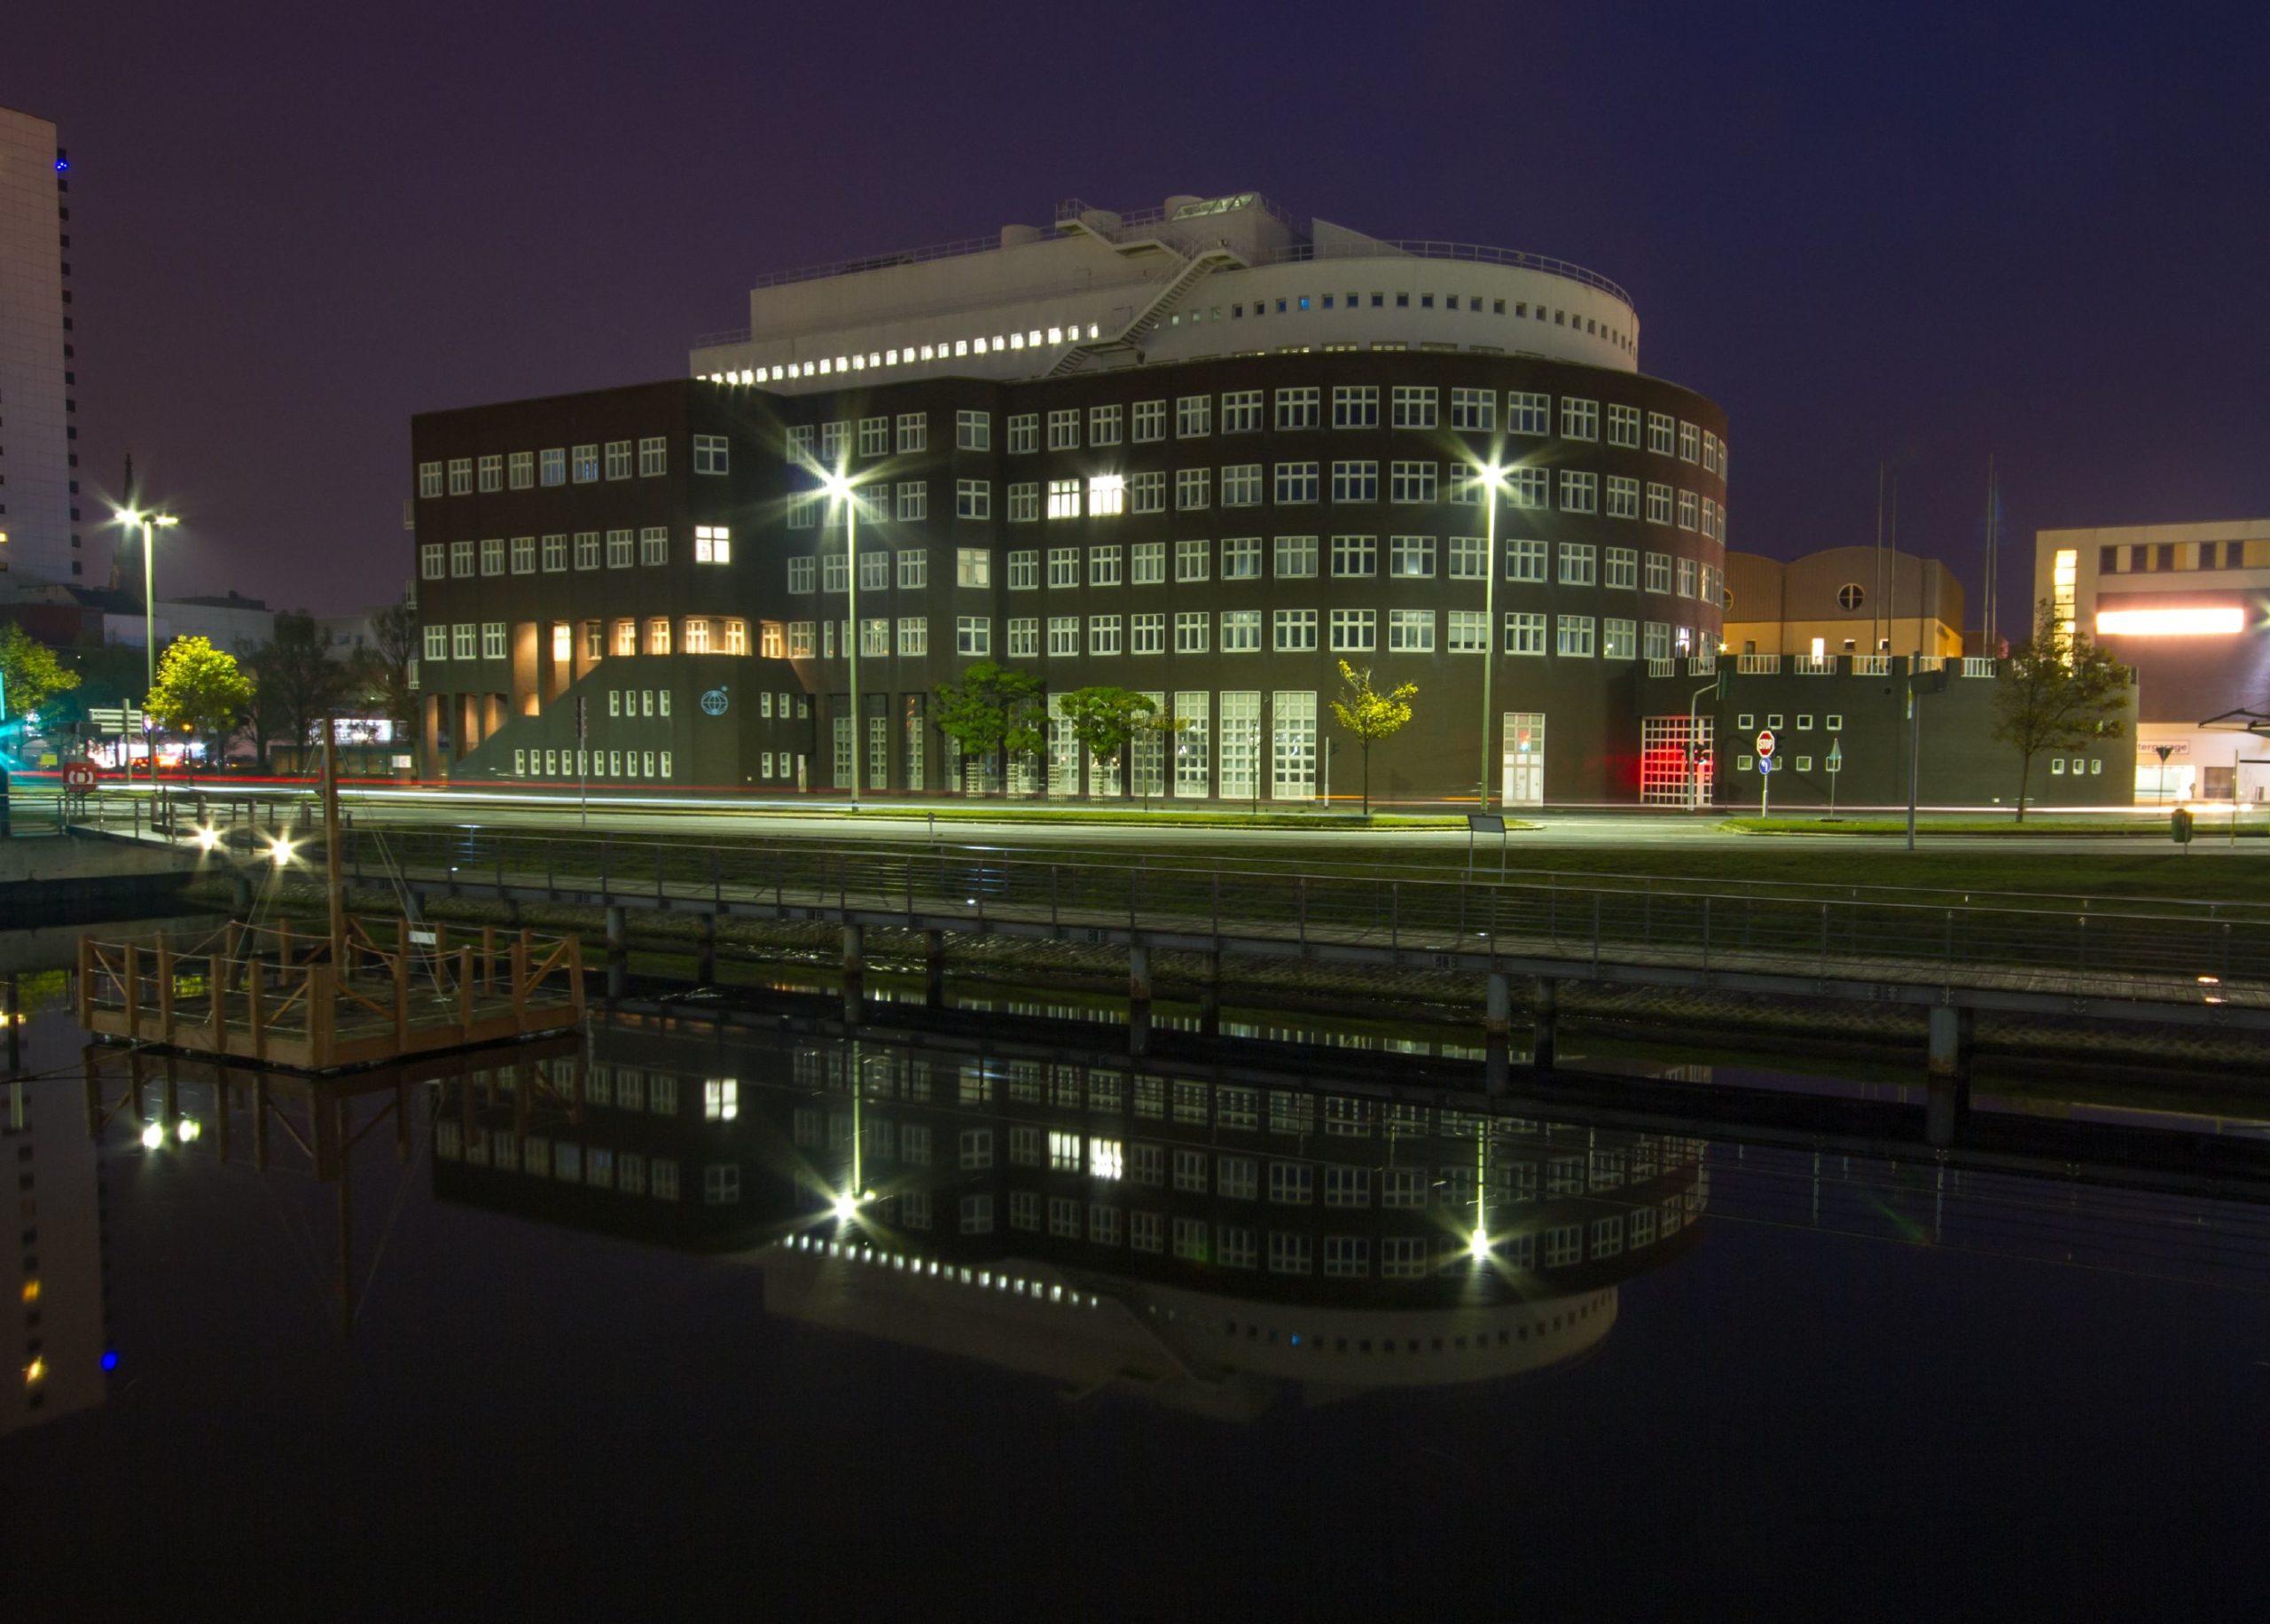 Nachtaufnahme des altes AWI-Hauptgebäudes in Bremerhaven